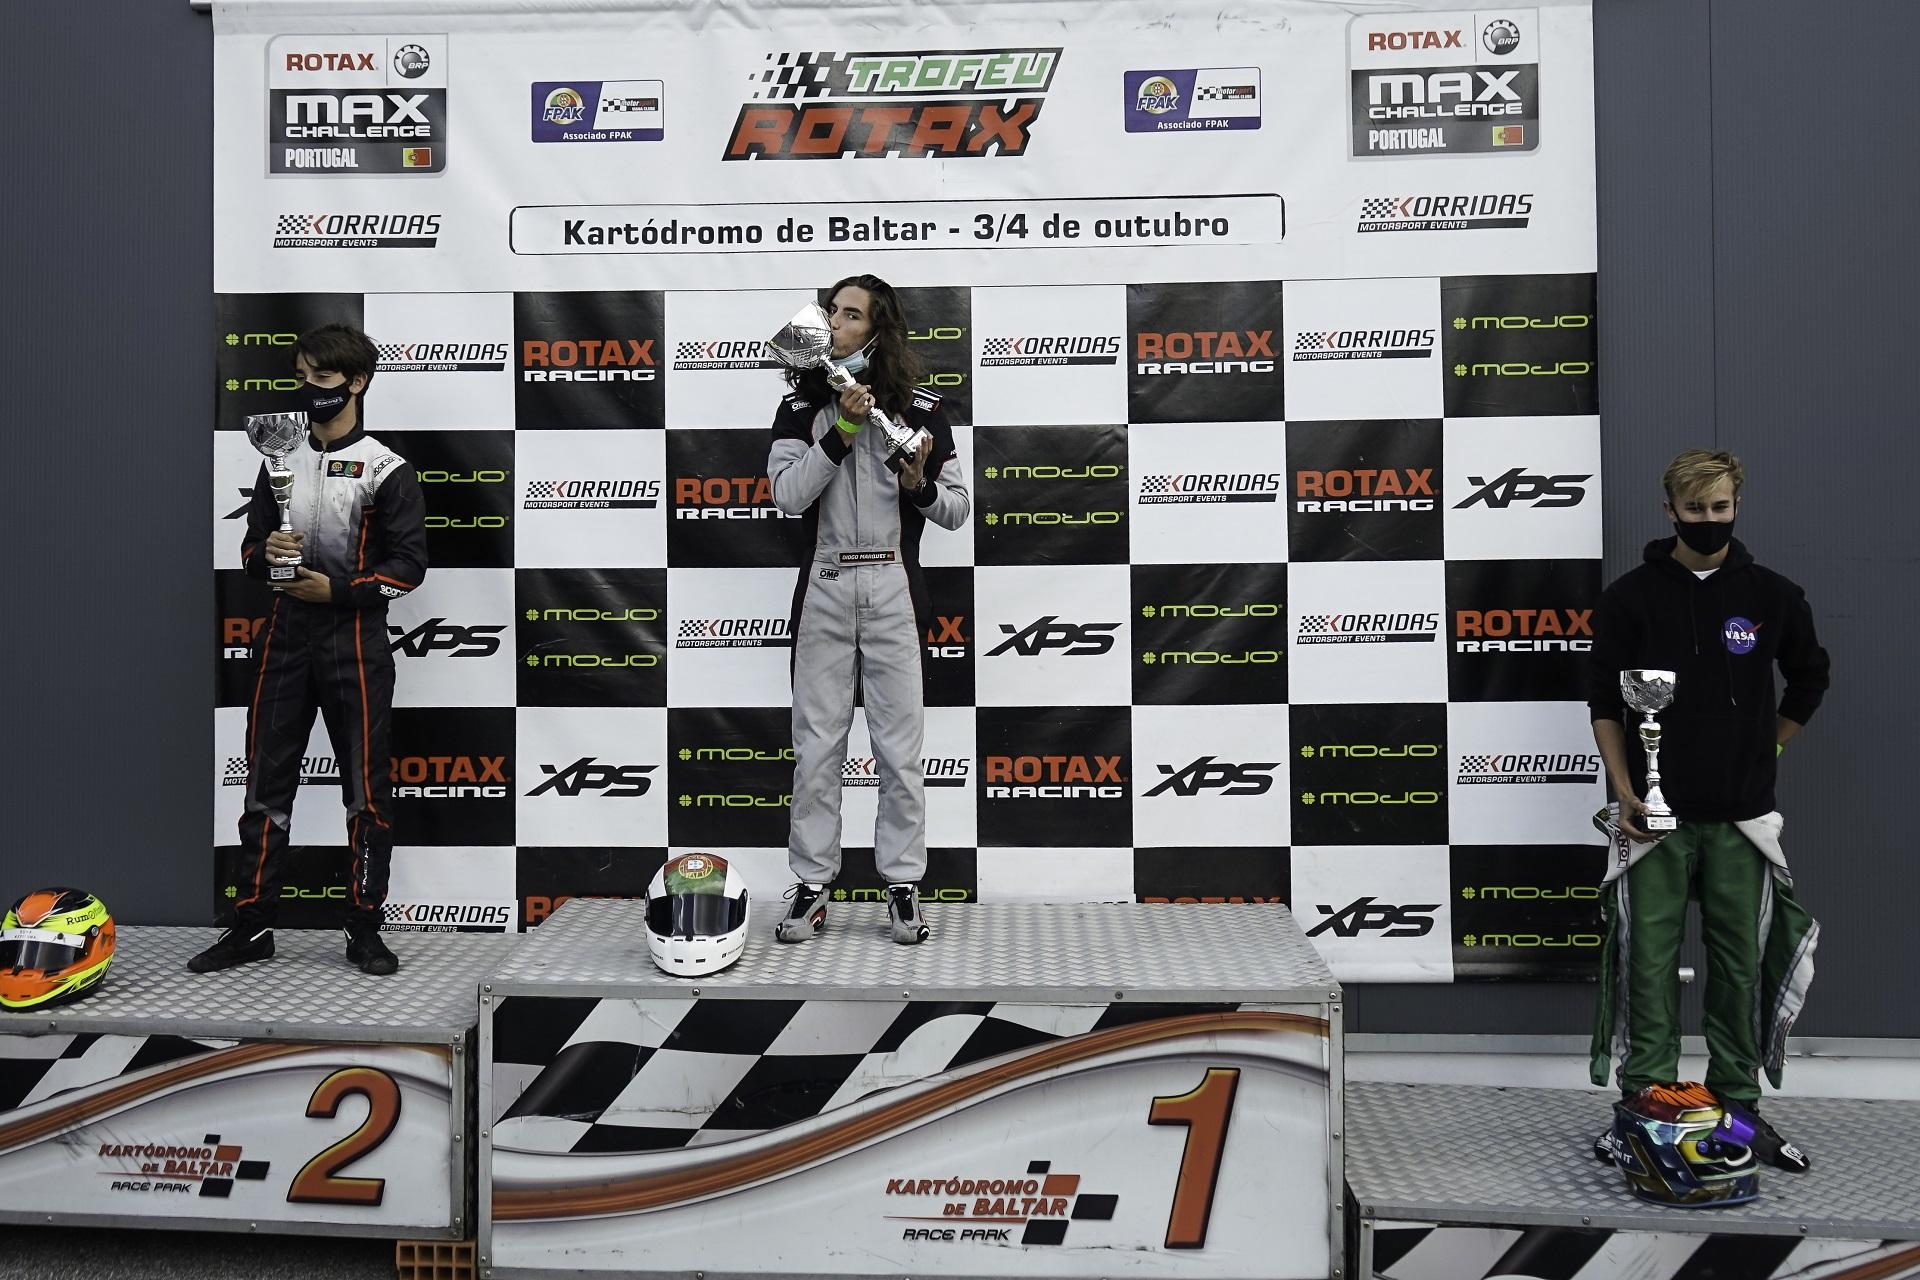 Vitória de Diogo Marques na categoria Sénior Max do Troféu Rotax em Baltar